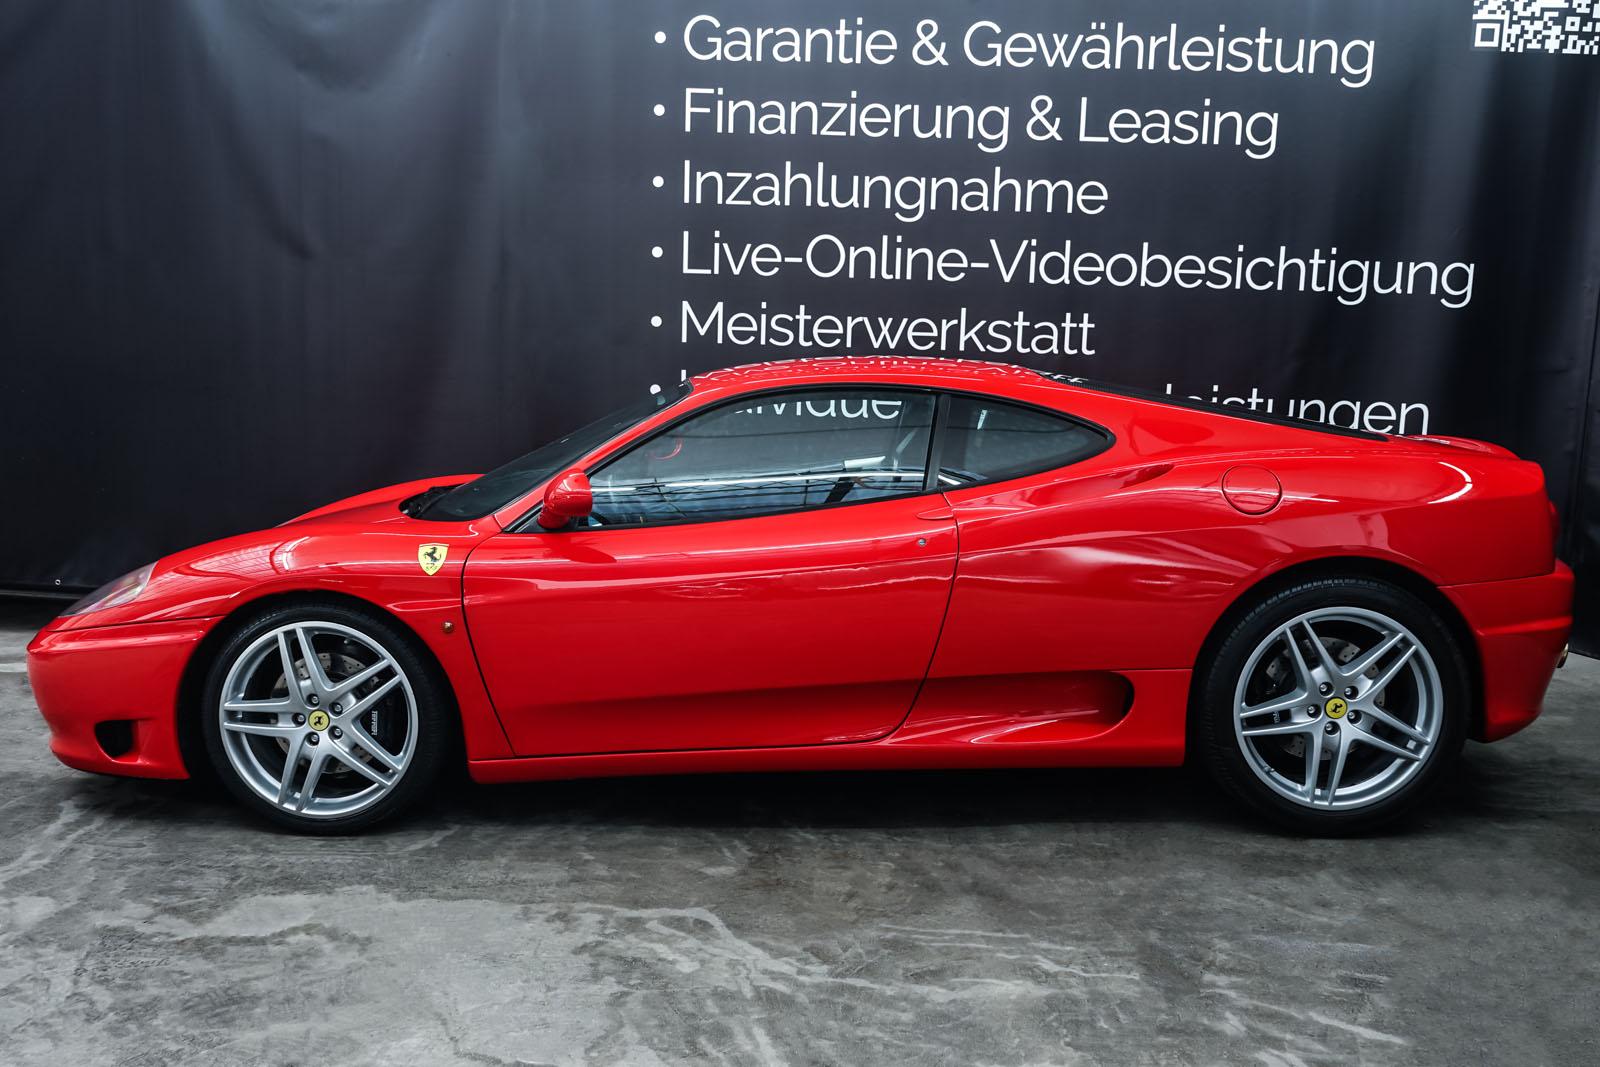 Ferrari_360_Modena_Rot_Schwarz_FER-4576_5_w